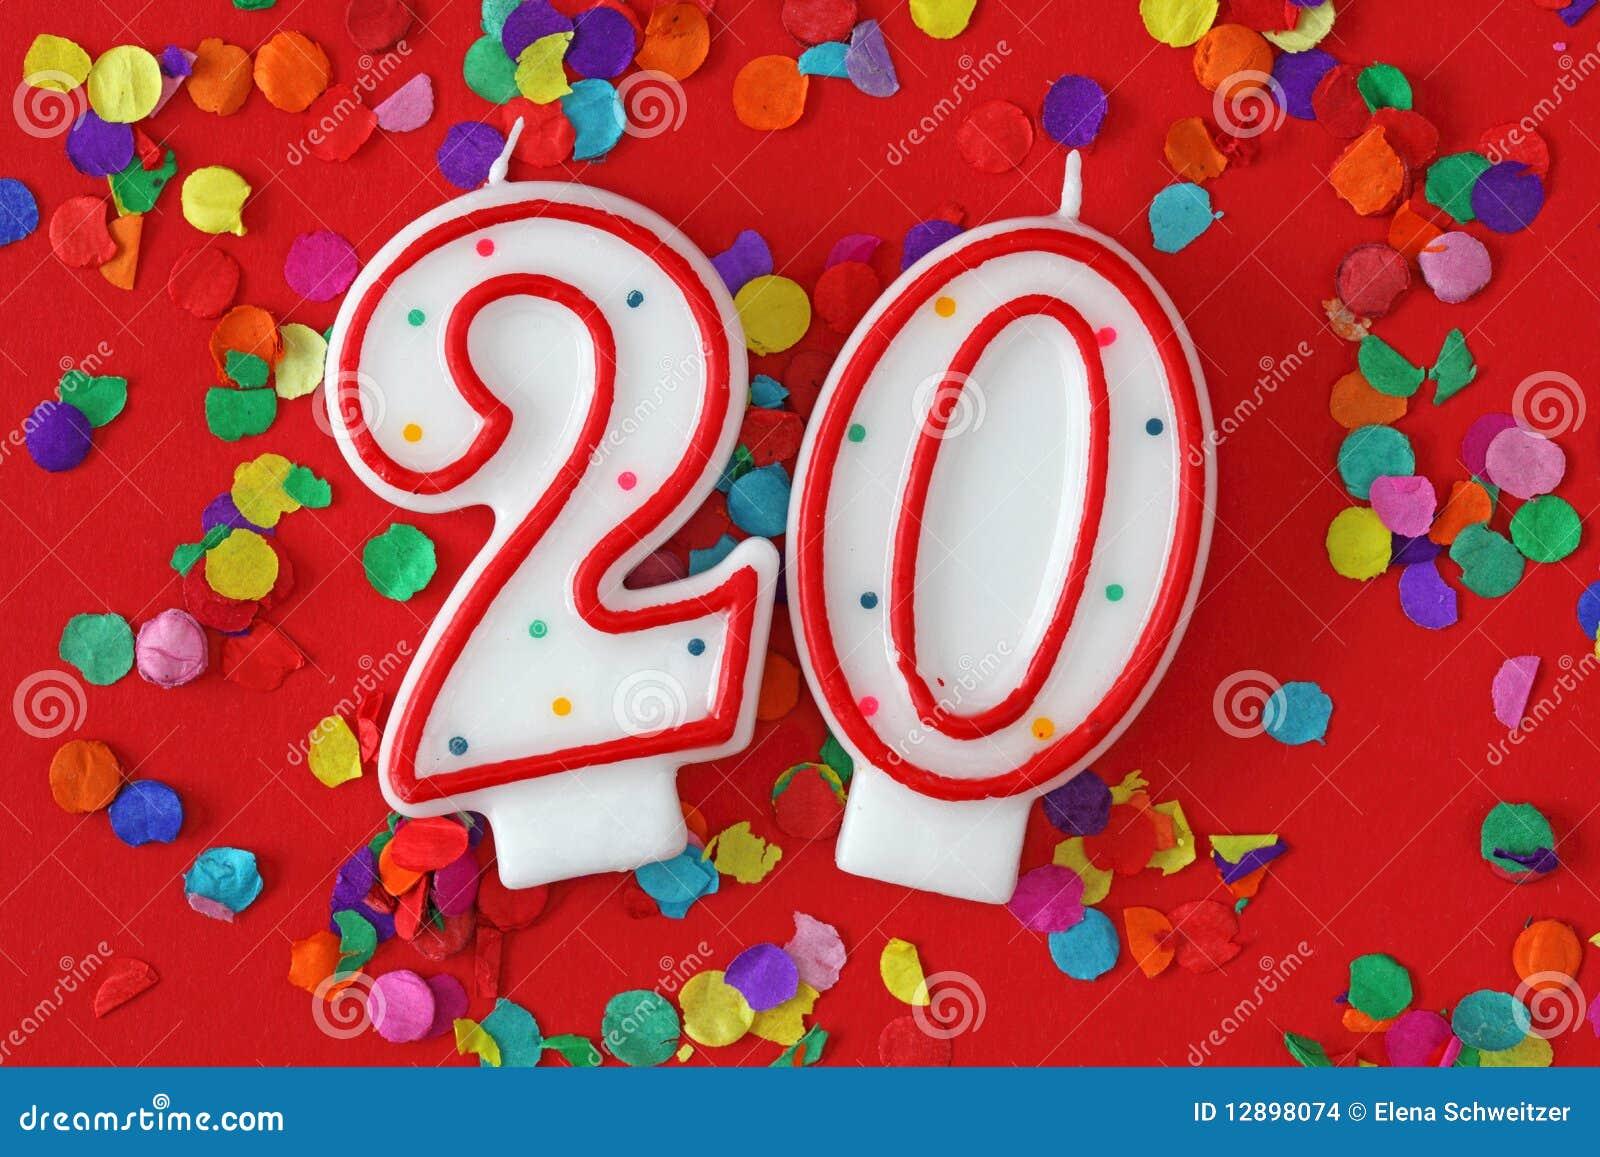 Поздравлений с днем рождения 20 лет